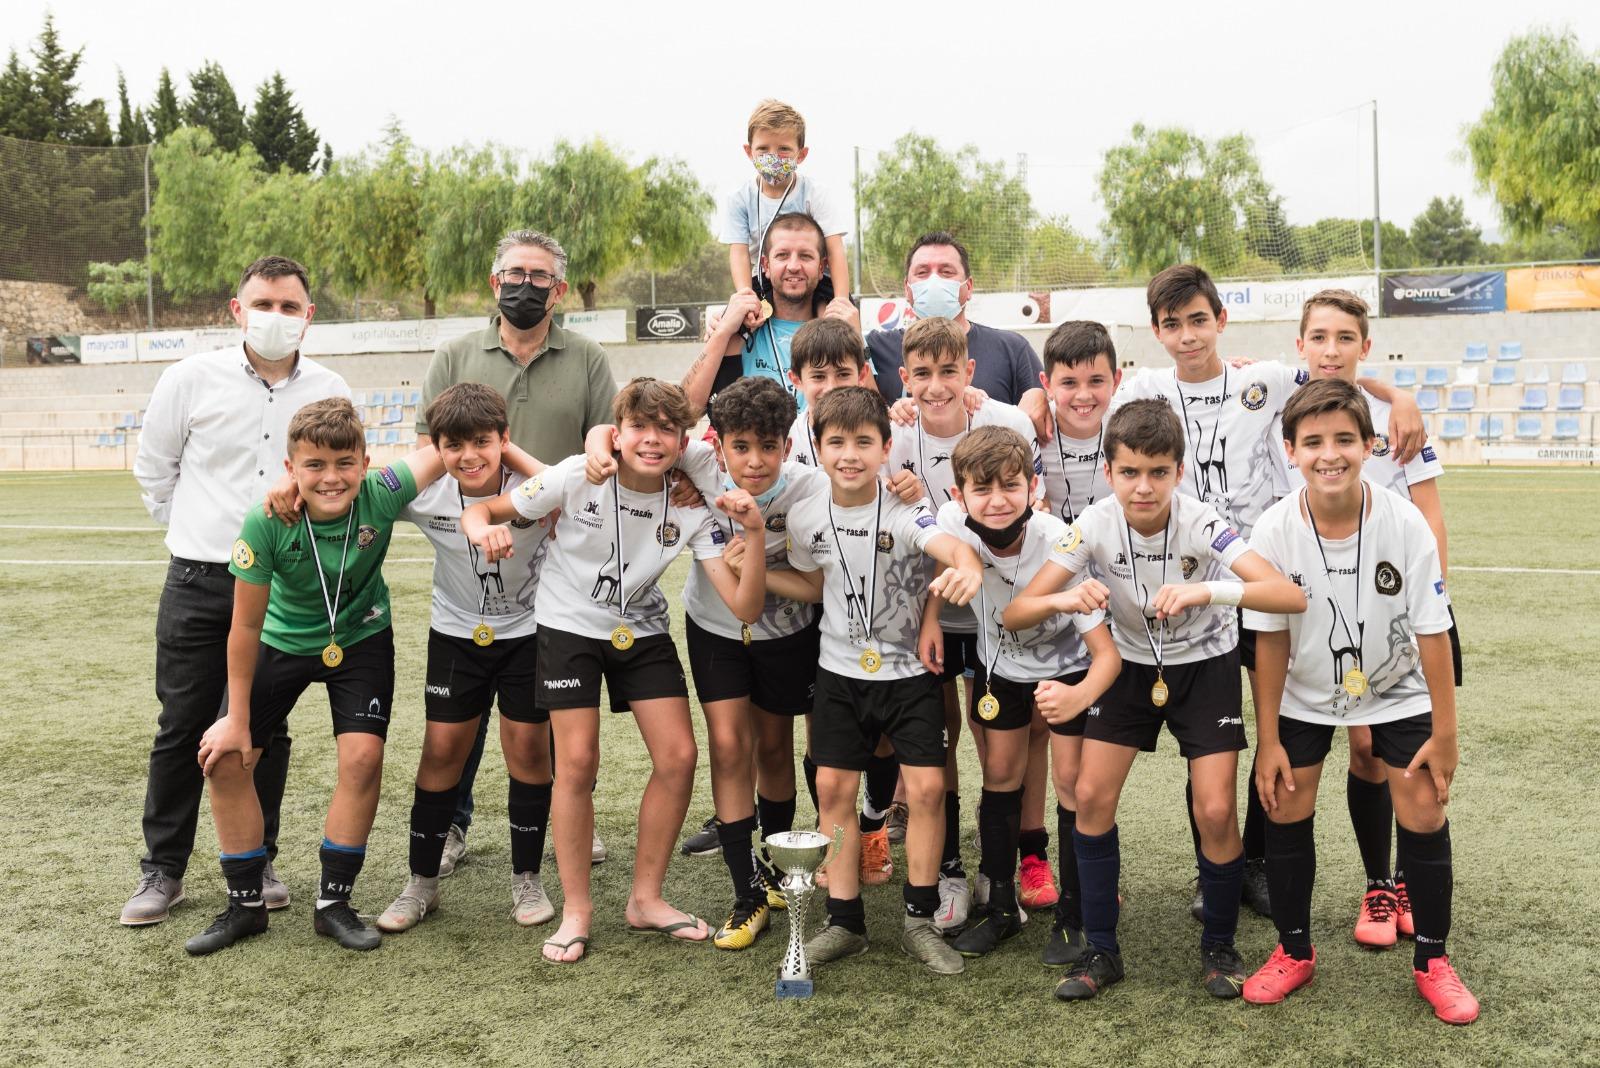 CD EB Ontinyent i Elda Union es proclamen campions del Trofeu Ciutat d'Ontinyent Aleví